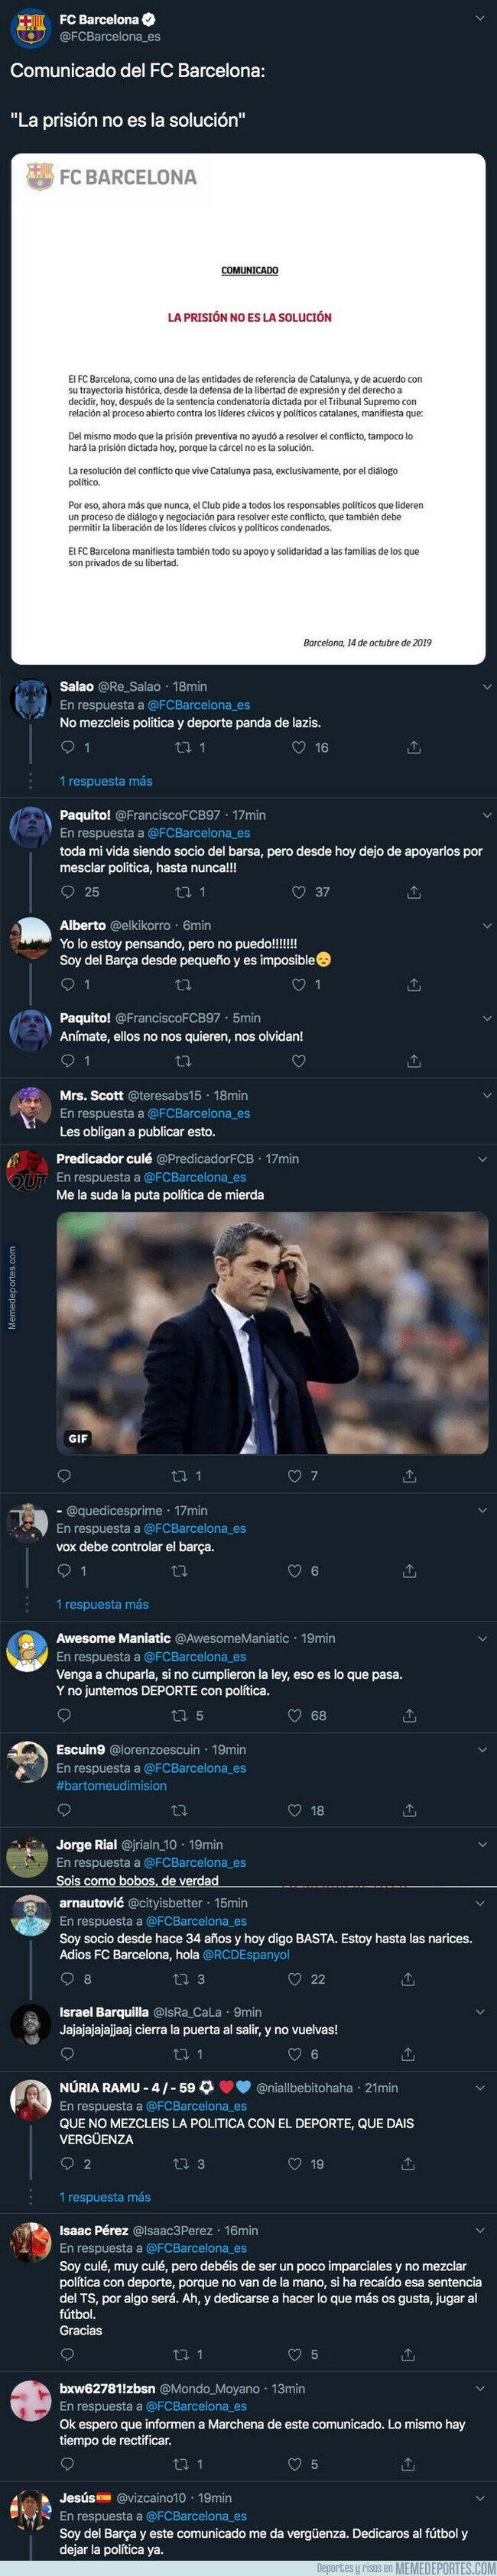 1088403 - El Barça lanza un mensaje mezclando política y fútbol sobre la sentencia del Procés y le están llegando respuestas demoledoras